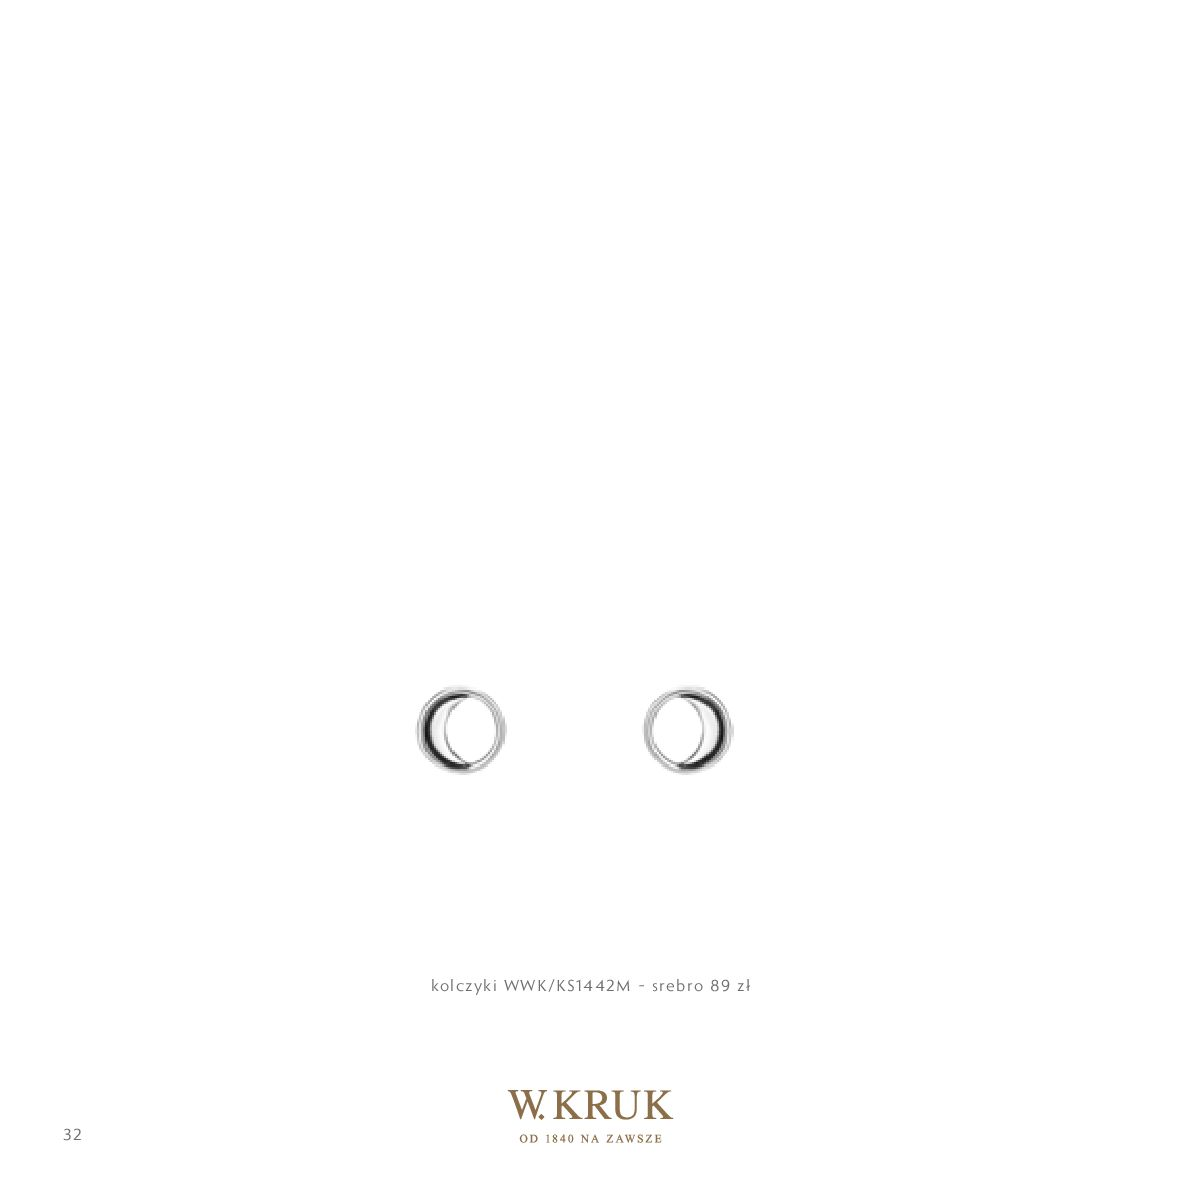 Gazetka W. KRUK: Katalog - Freedom Wolf 2021-02-17 page-34